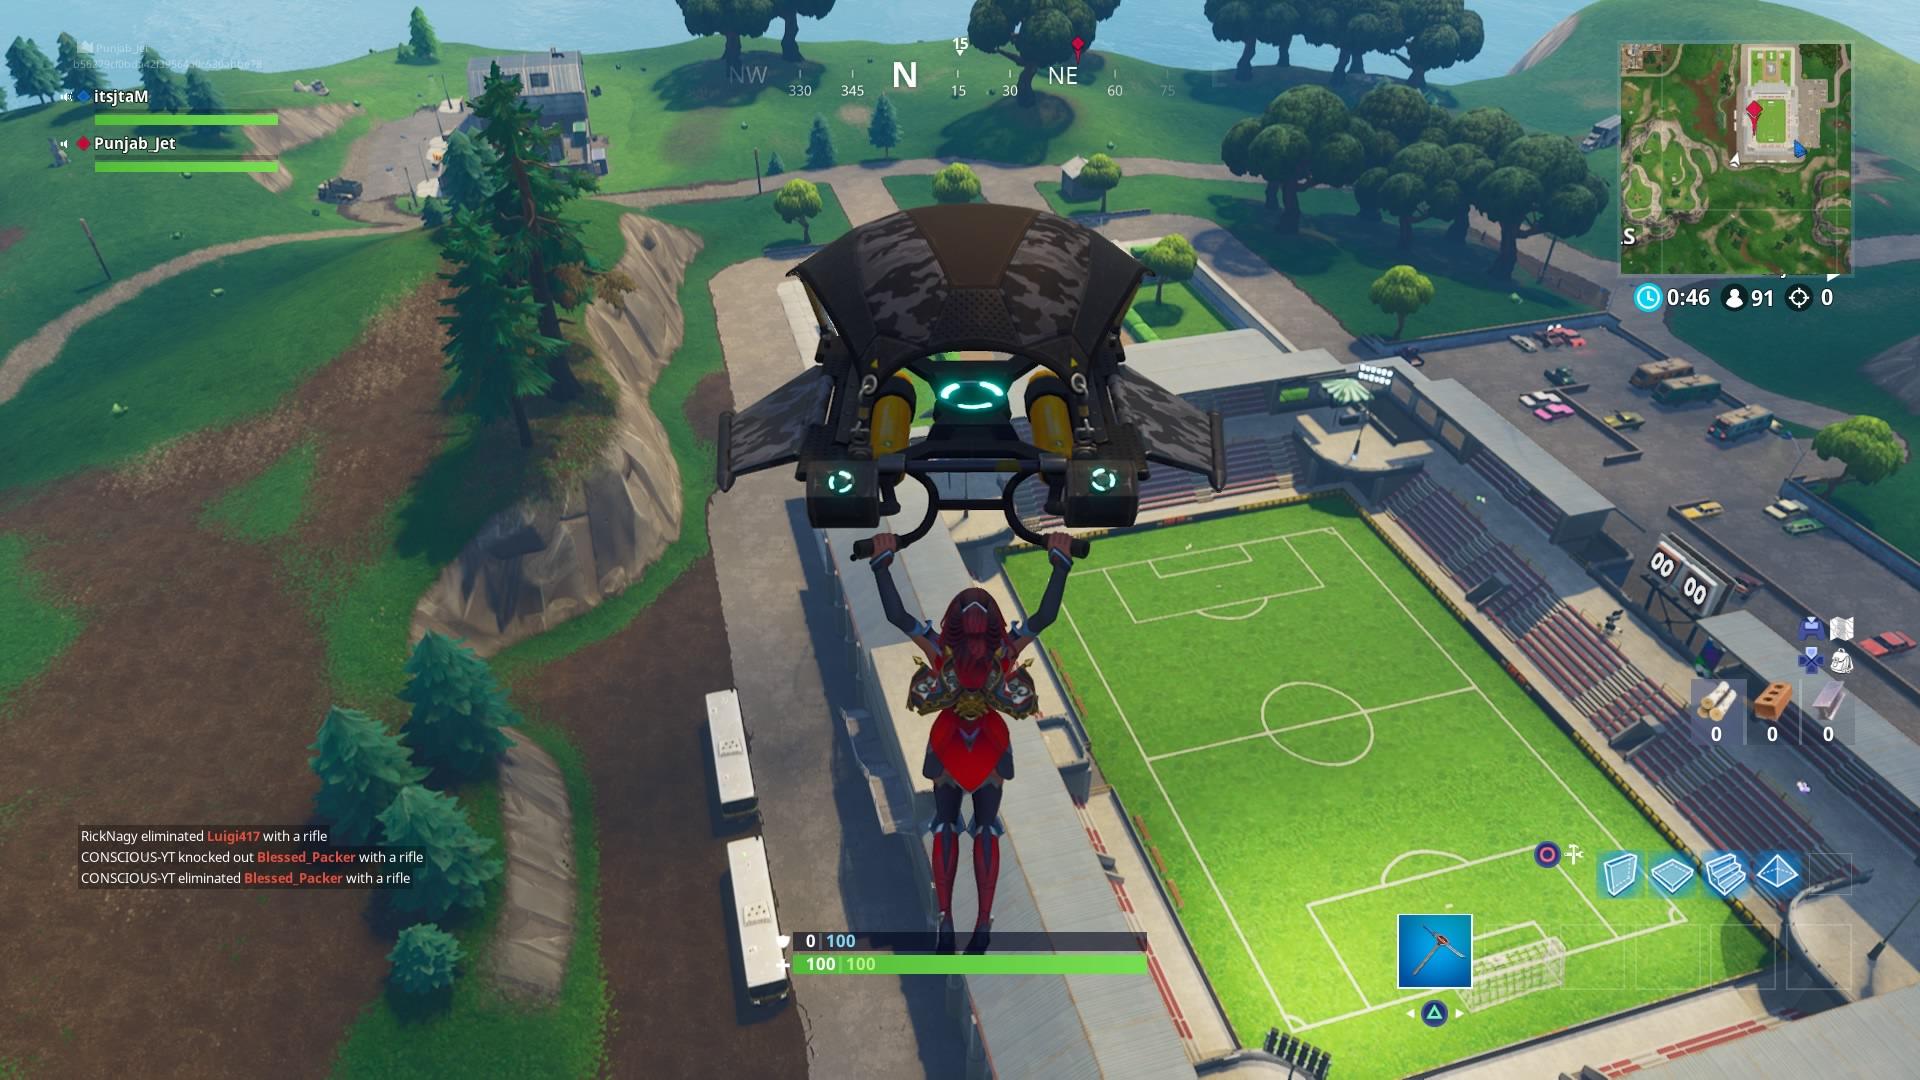 fortnite soccer field wallpaper 64469